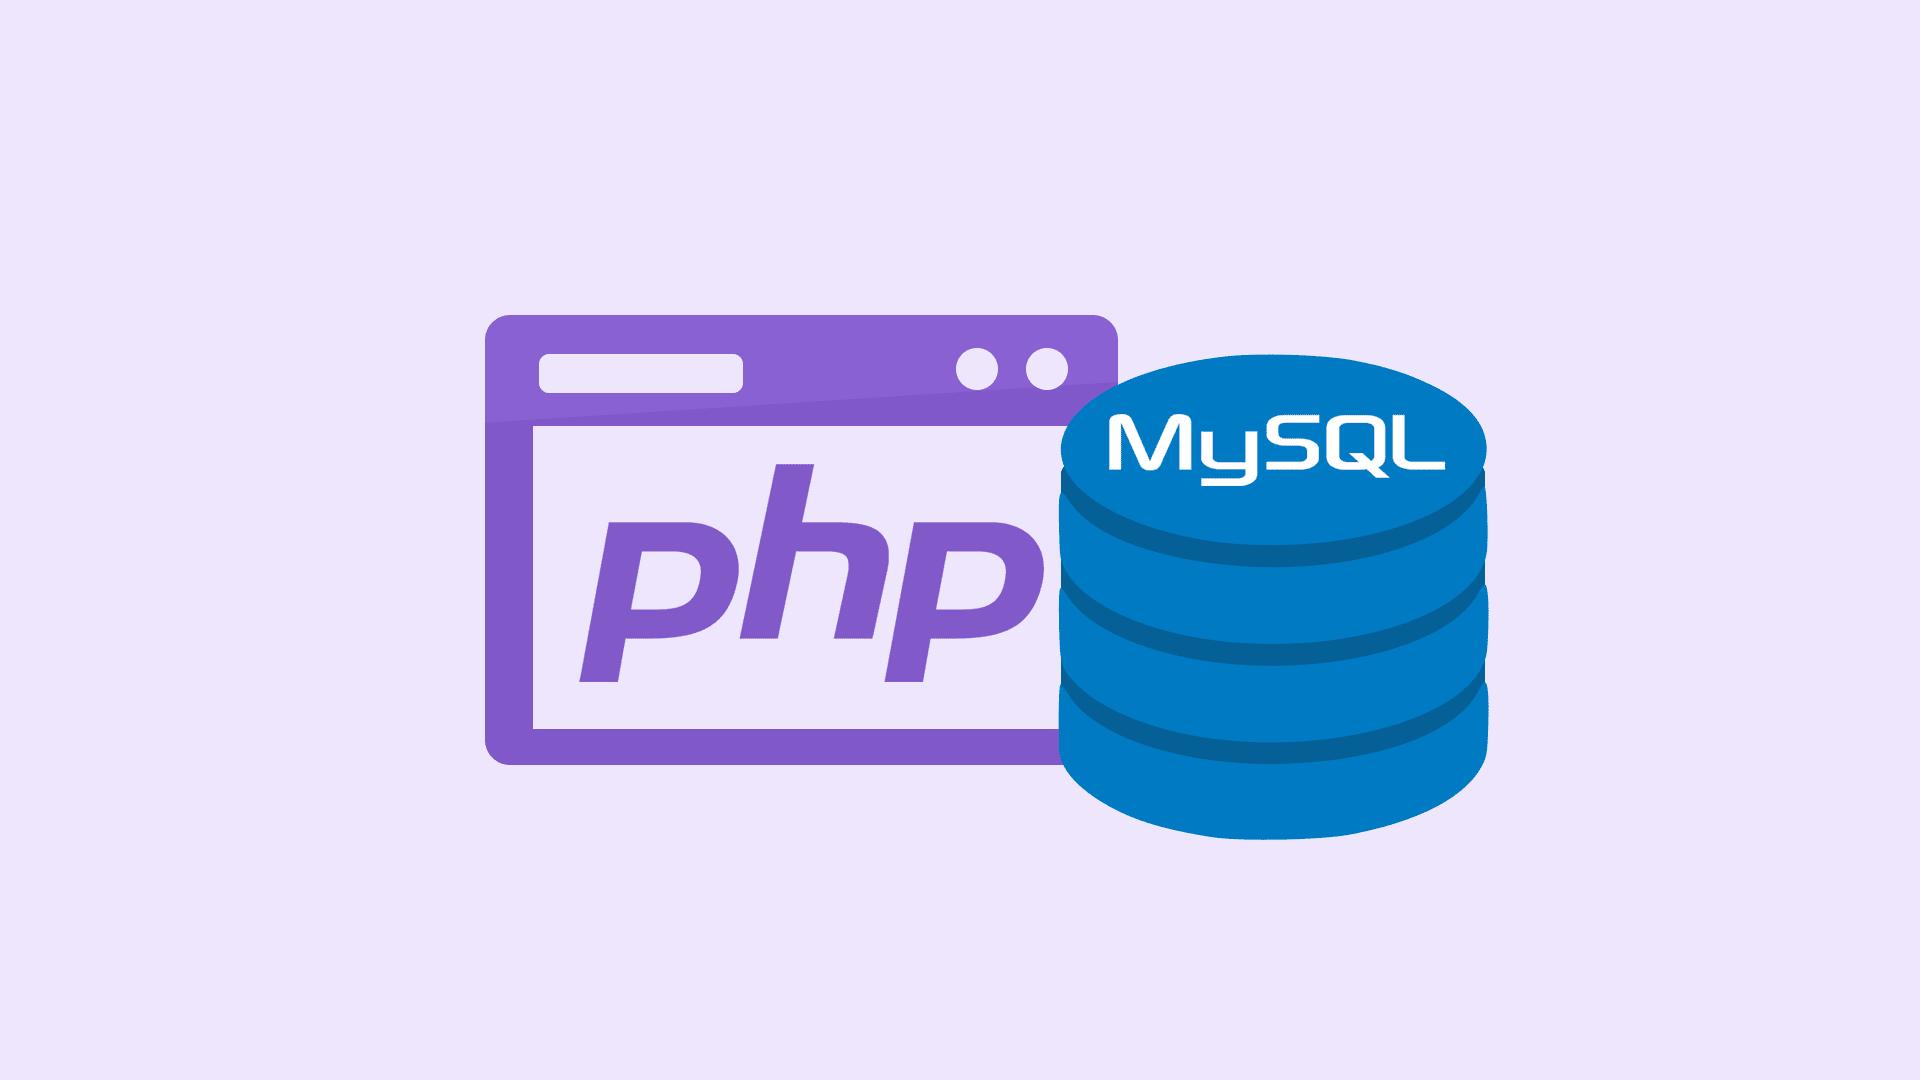 آموزش MySQL در Php